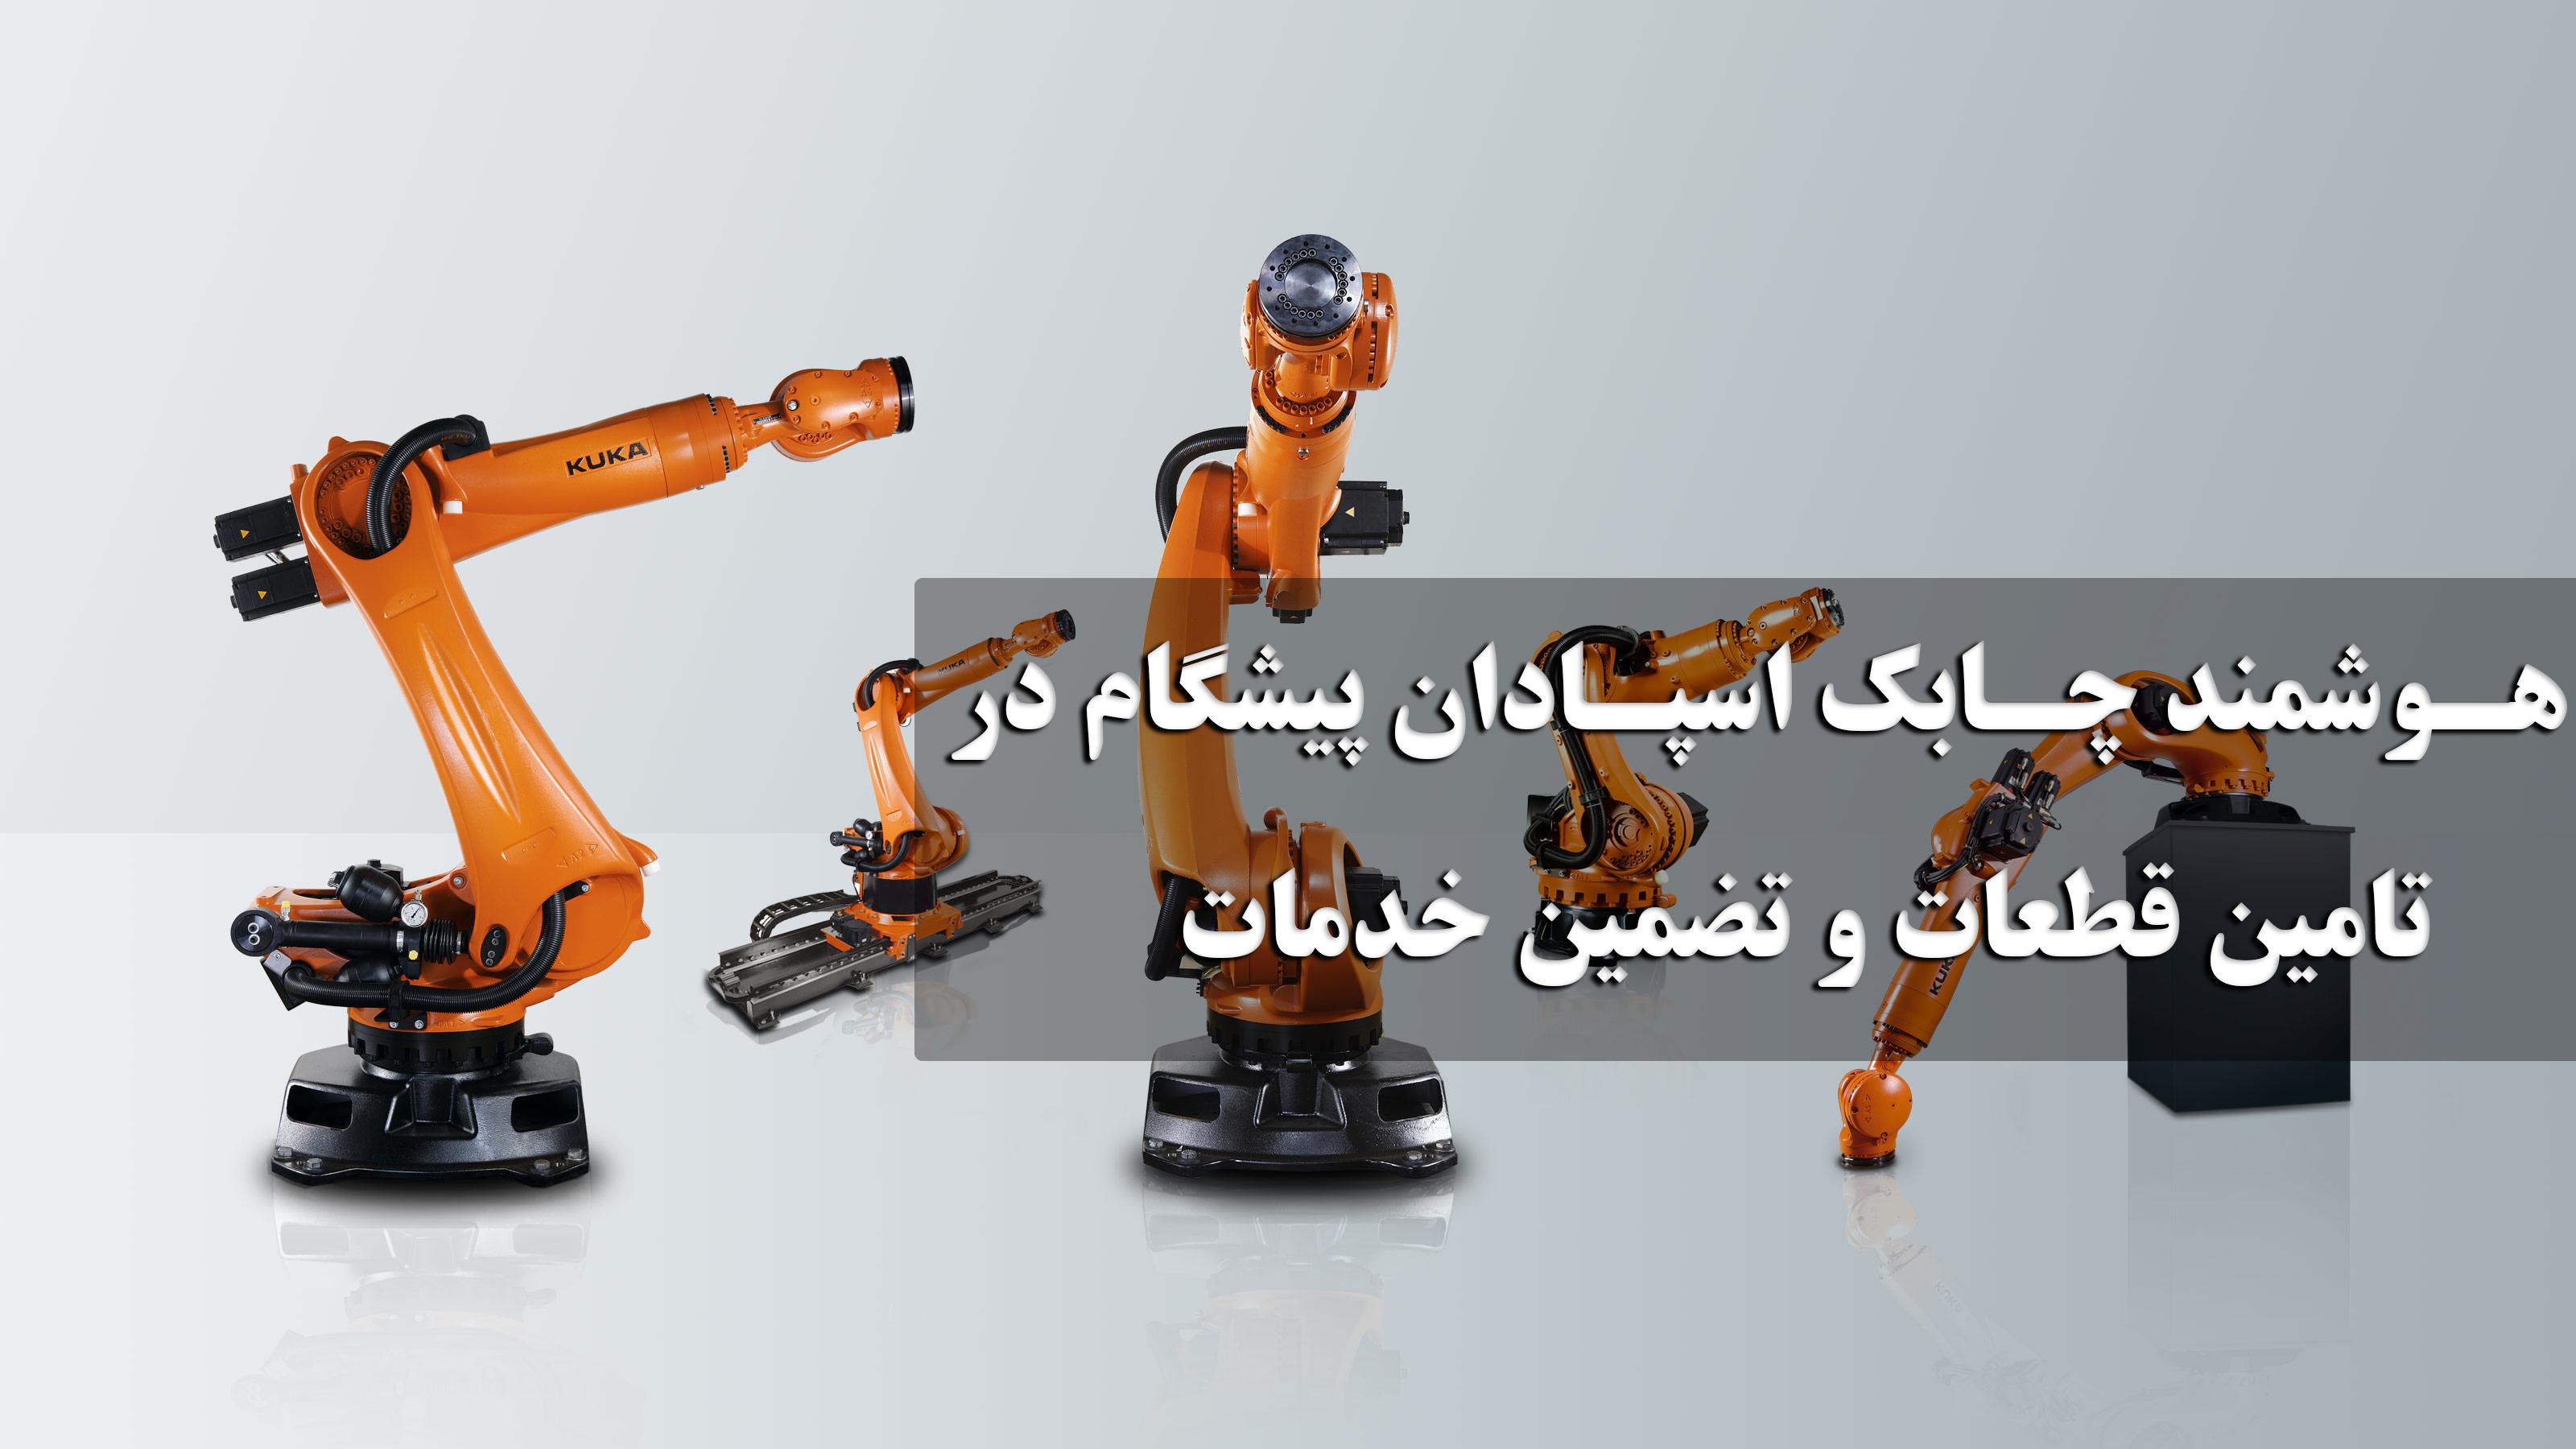 RoboterTrl - Kuka Robot Parts